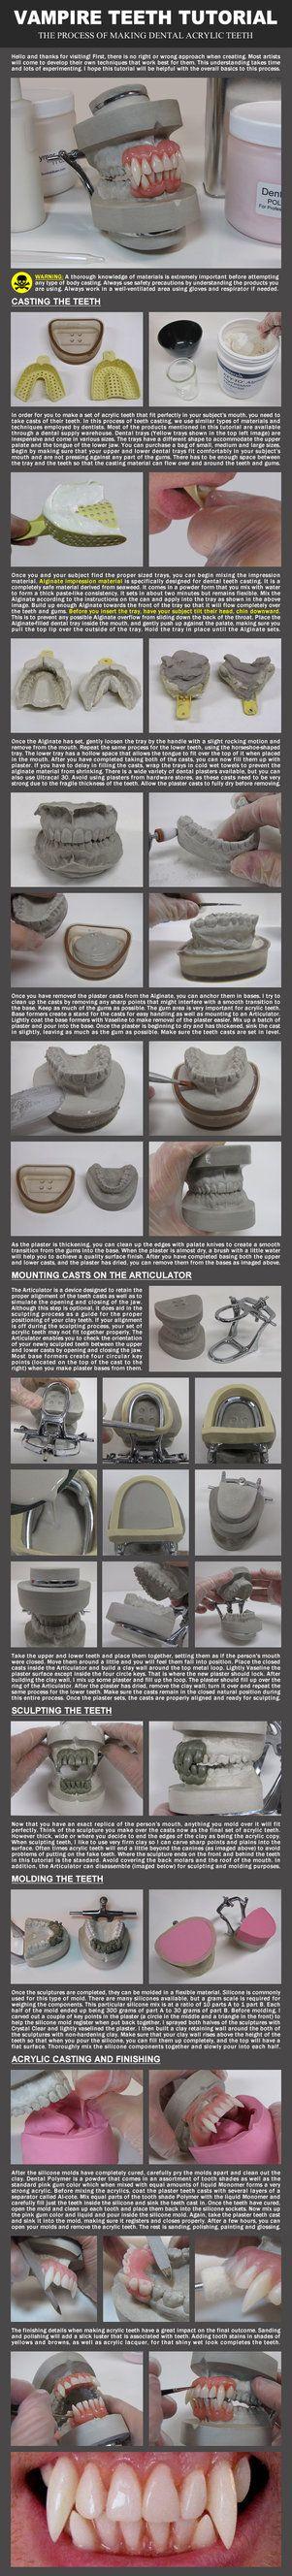 Vampire Teeth Tutorial by *EvanCampbell on deviantART